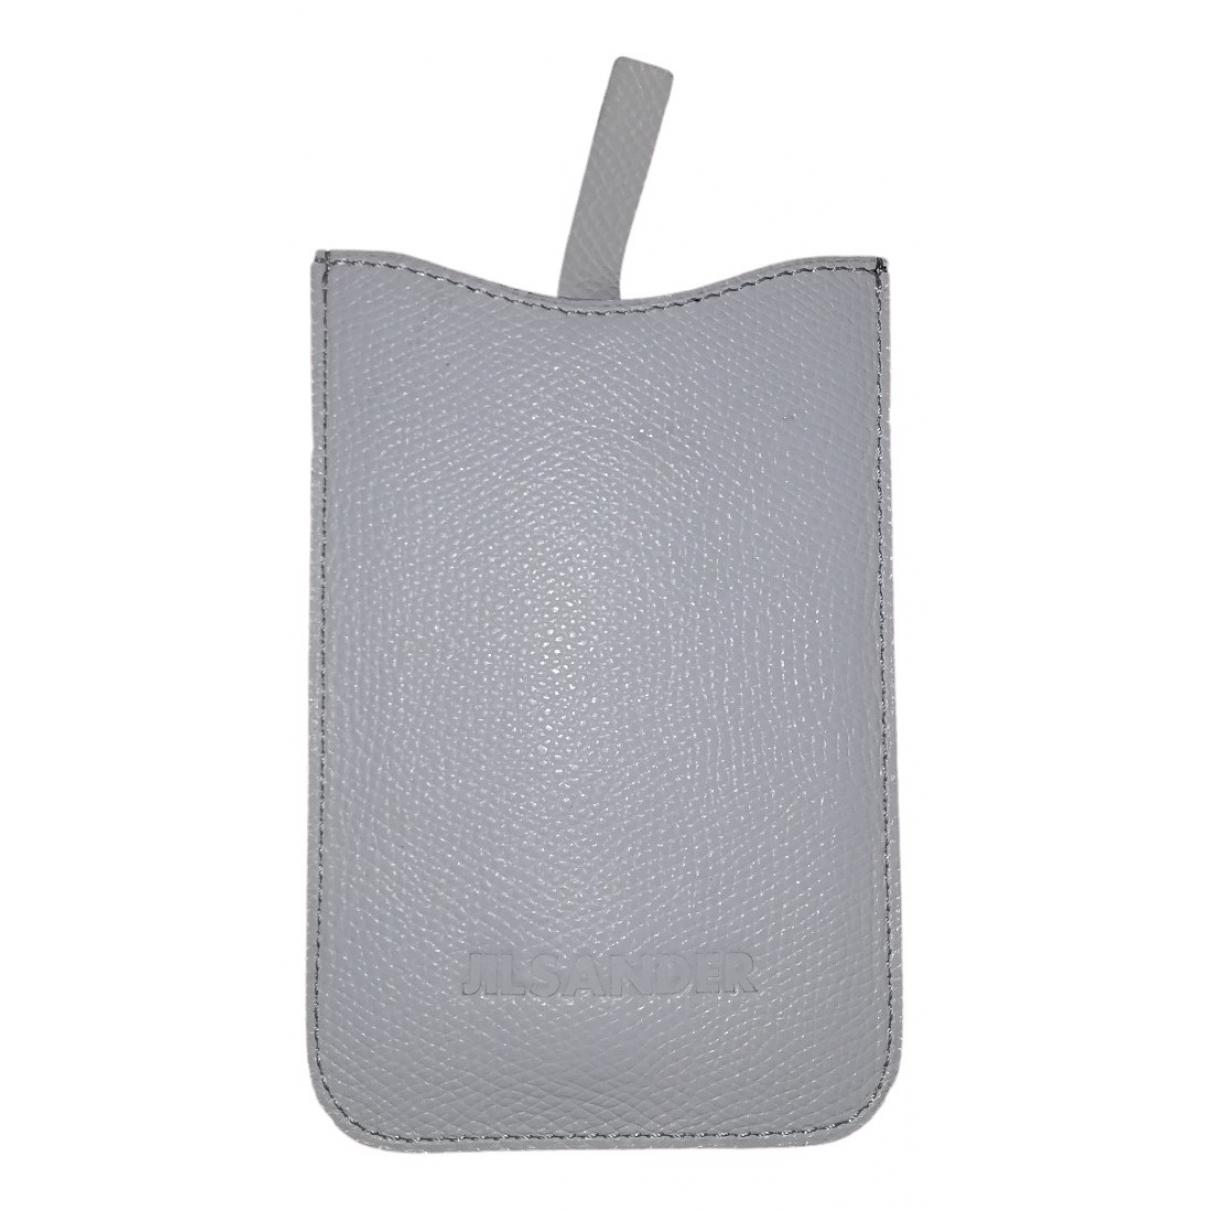 Jil Sander - Accessoires   pour lifestyle en cuir - blanc